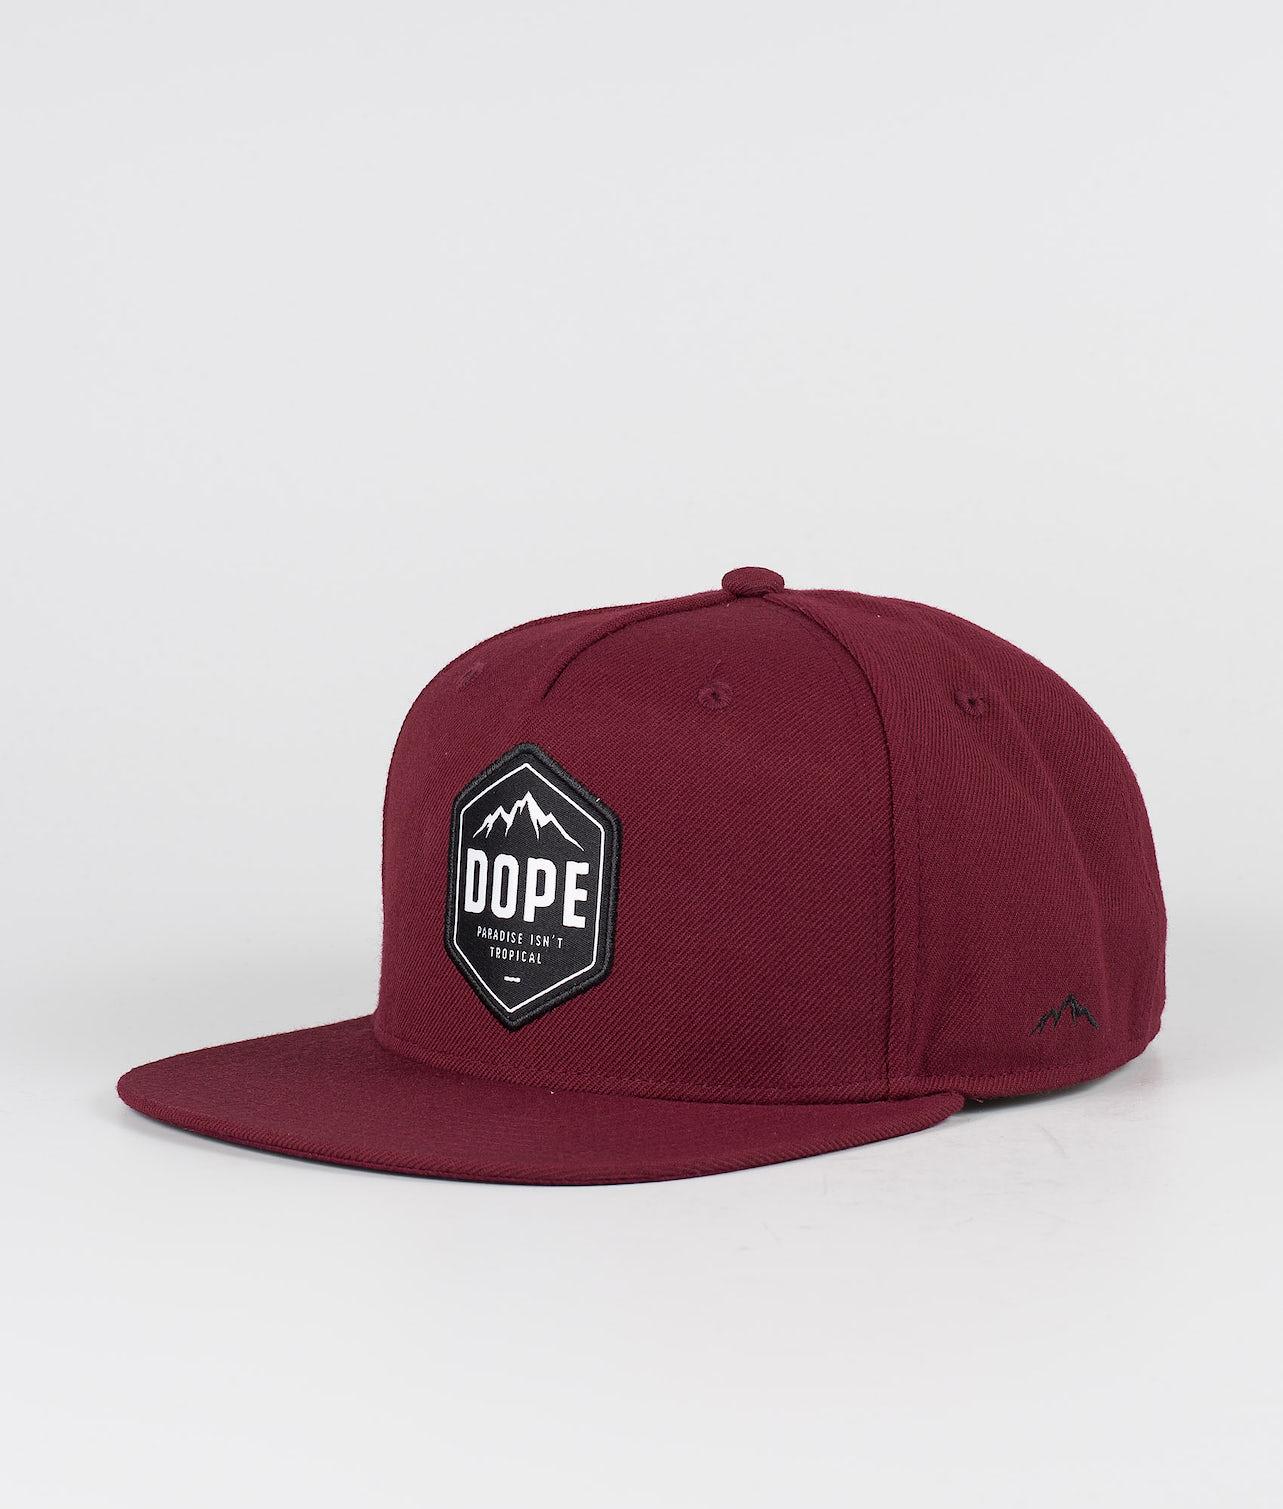 Kjøp Patched Caps fra Dope på Ridestore.no - Hos oss har du alltid fri frakt, fri retur og 30 dagers åpent kjøp!